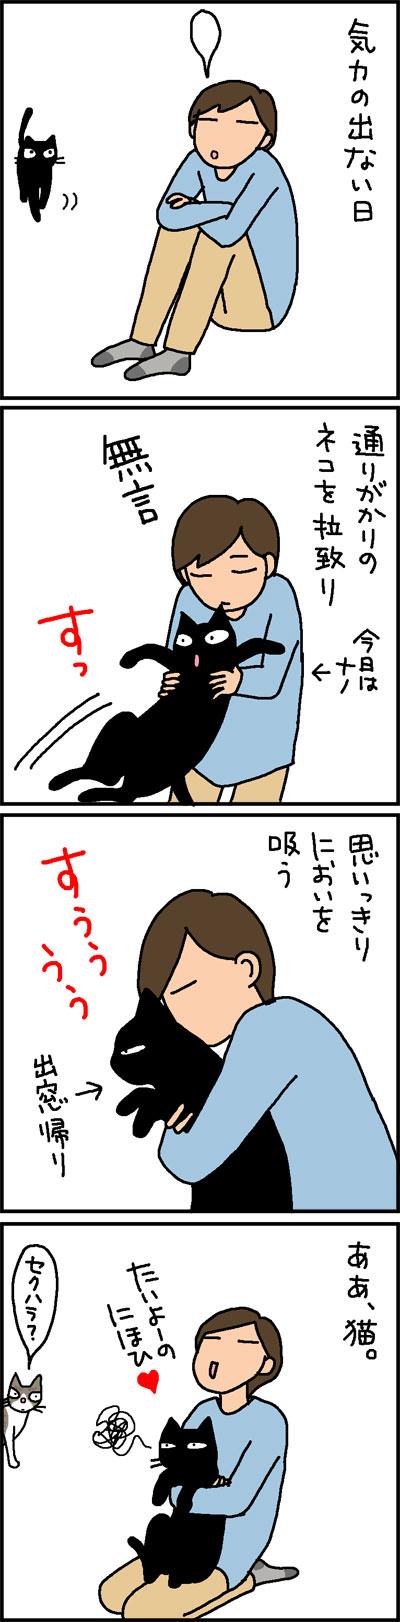 猫のにおいを嗅いで嫌される4コマ猫漫画